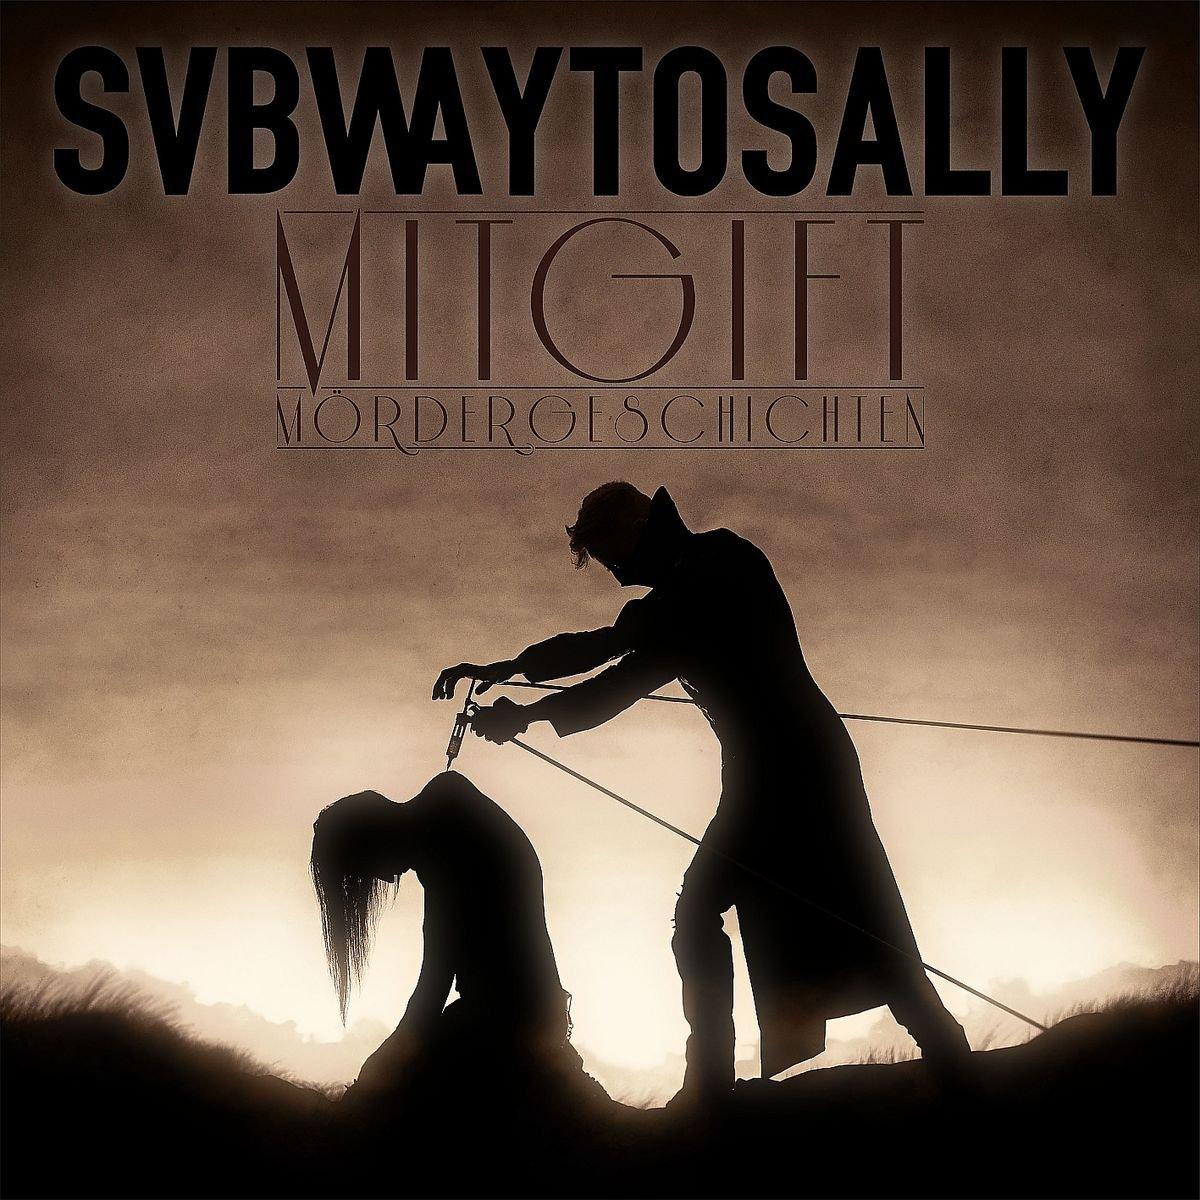 Die Hörprobe: So klingt das neue Subway To Sally-Album MITGIFT >>>